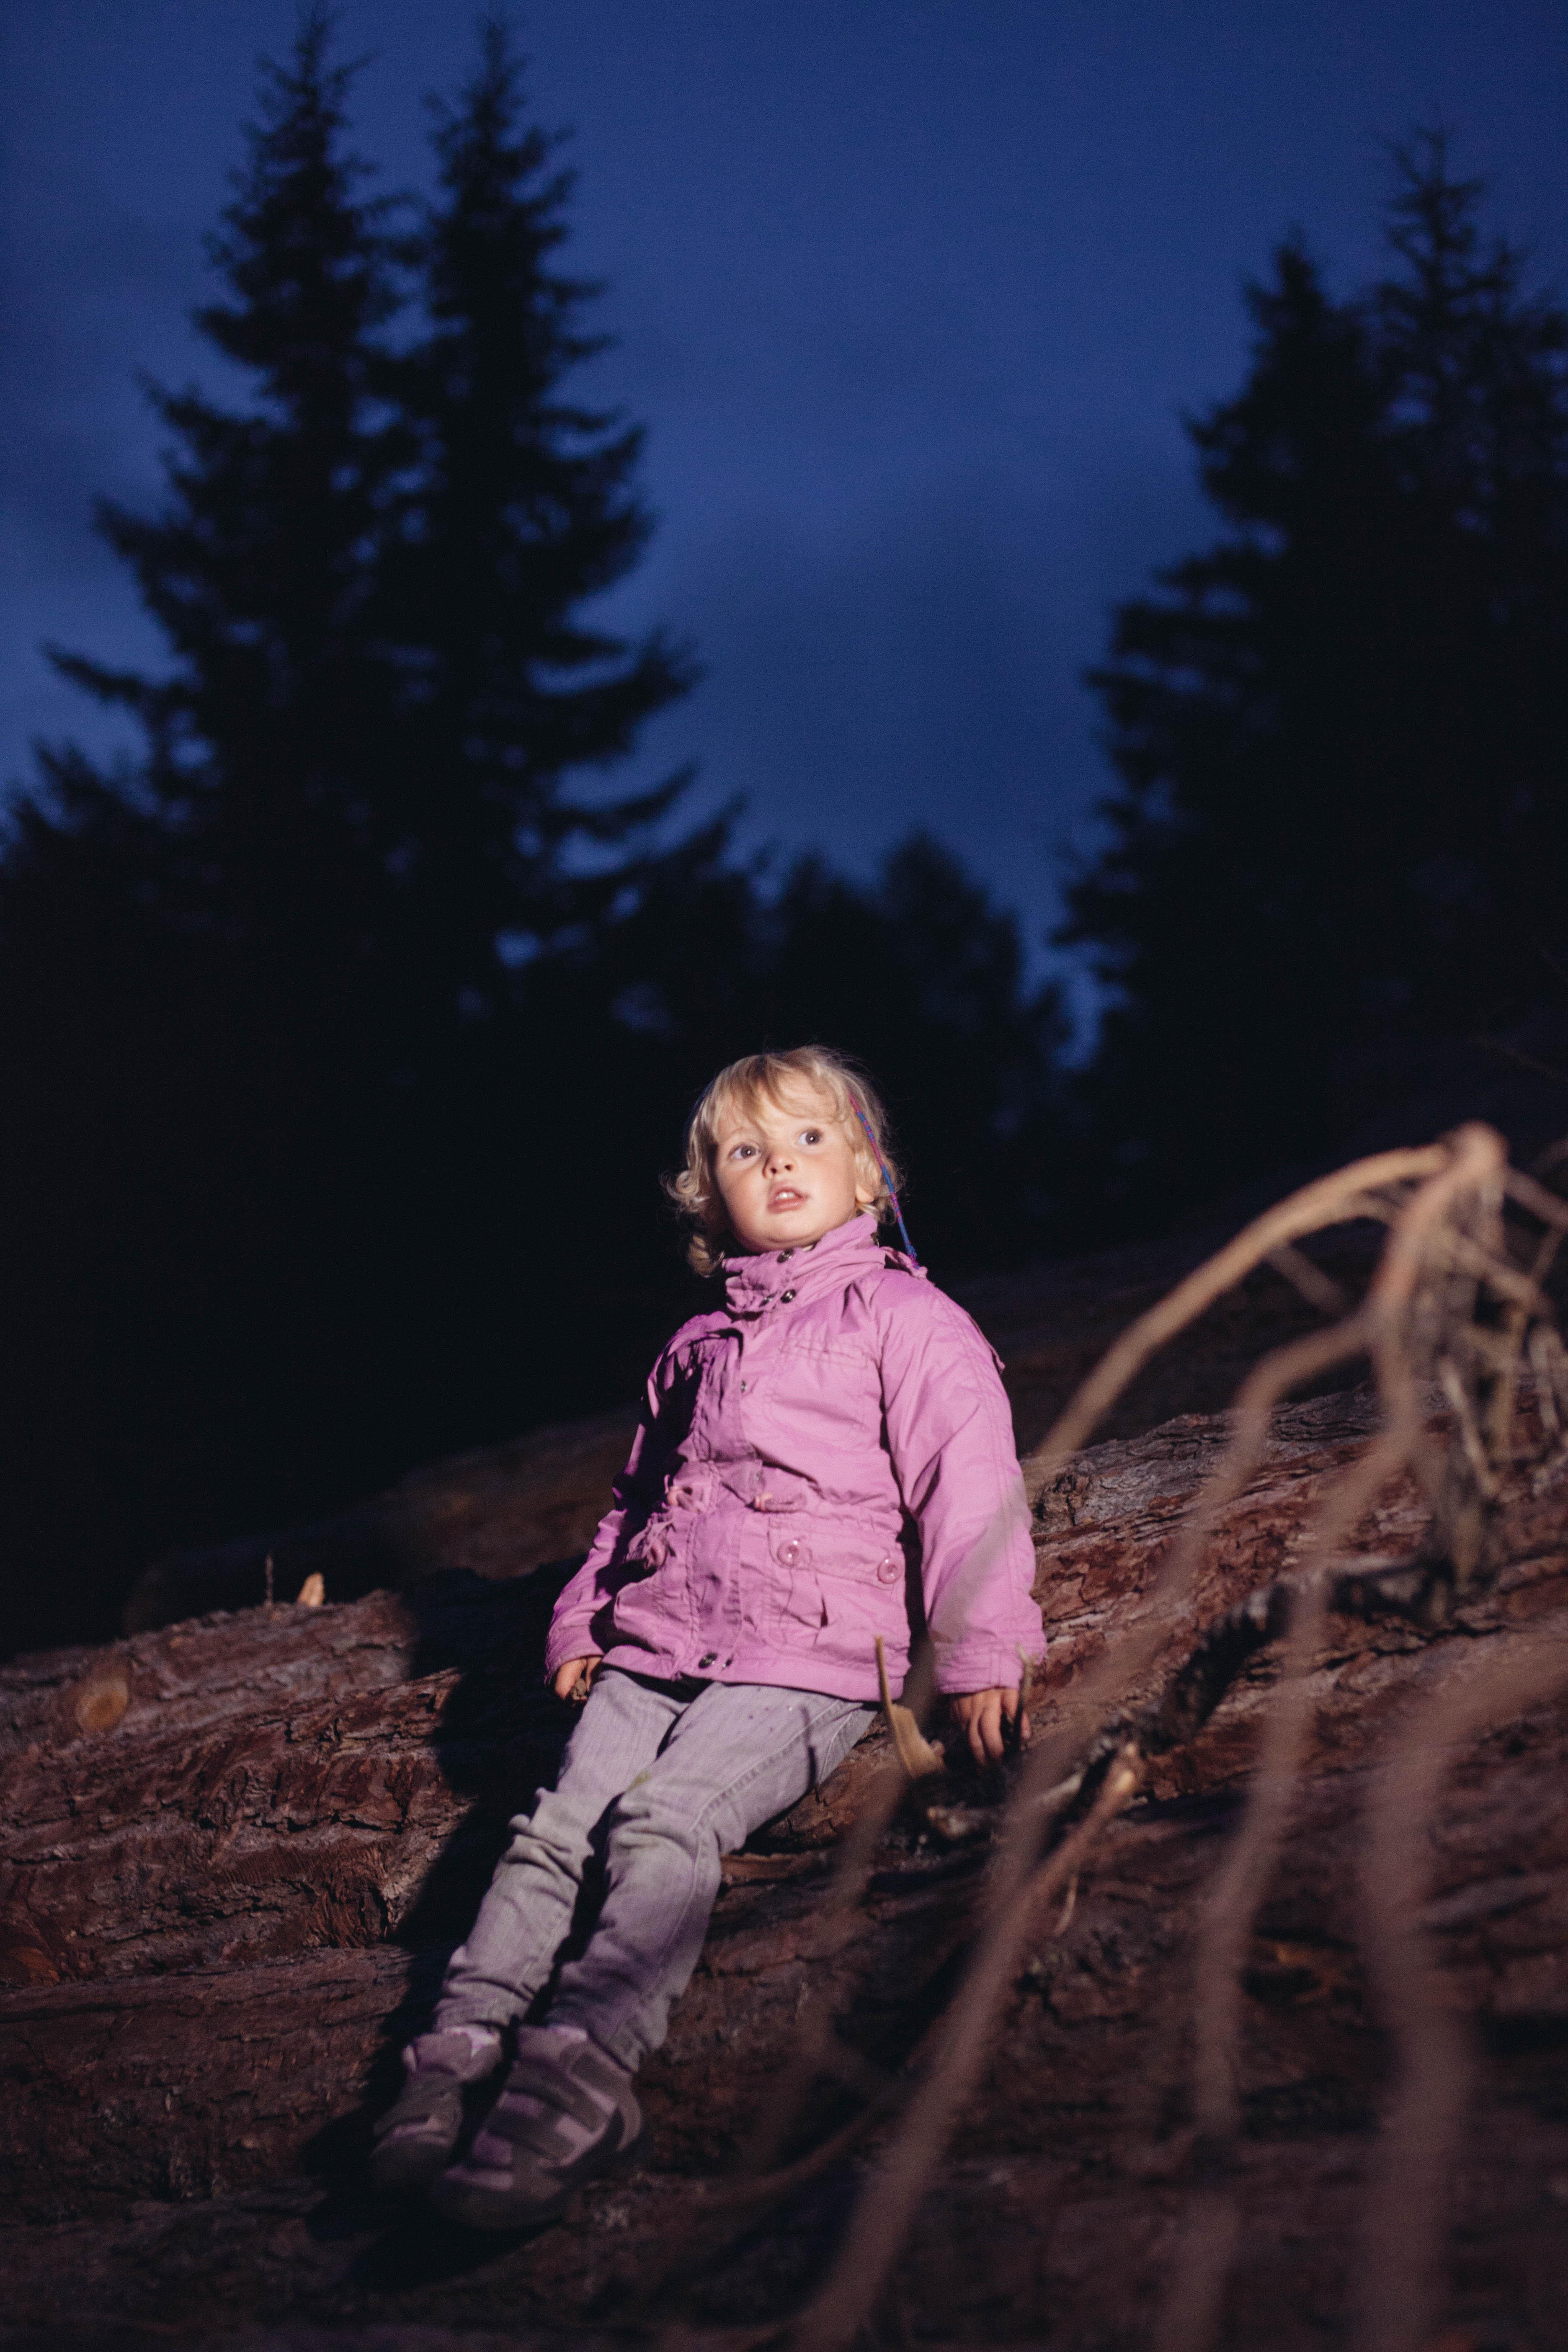 Andiamo a guardare le stelle o la luna piena nel bosco!